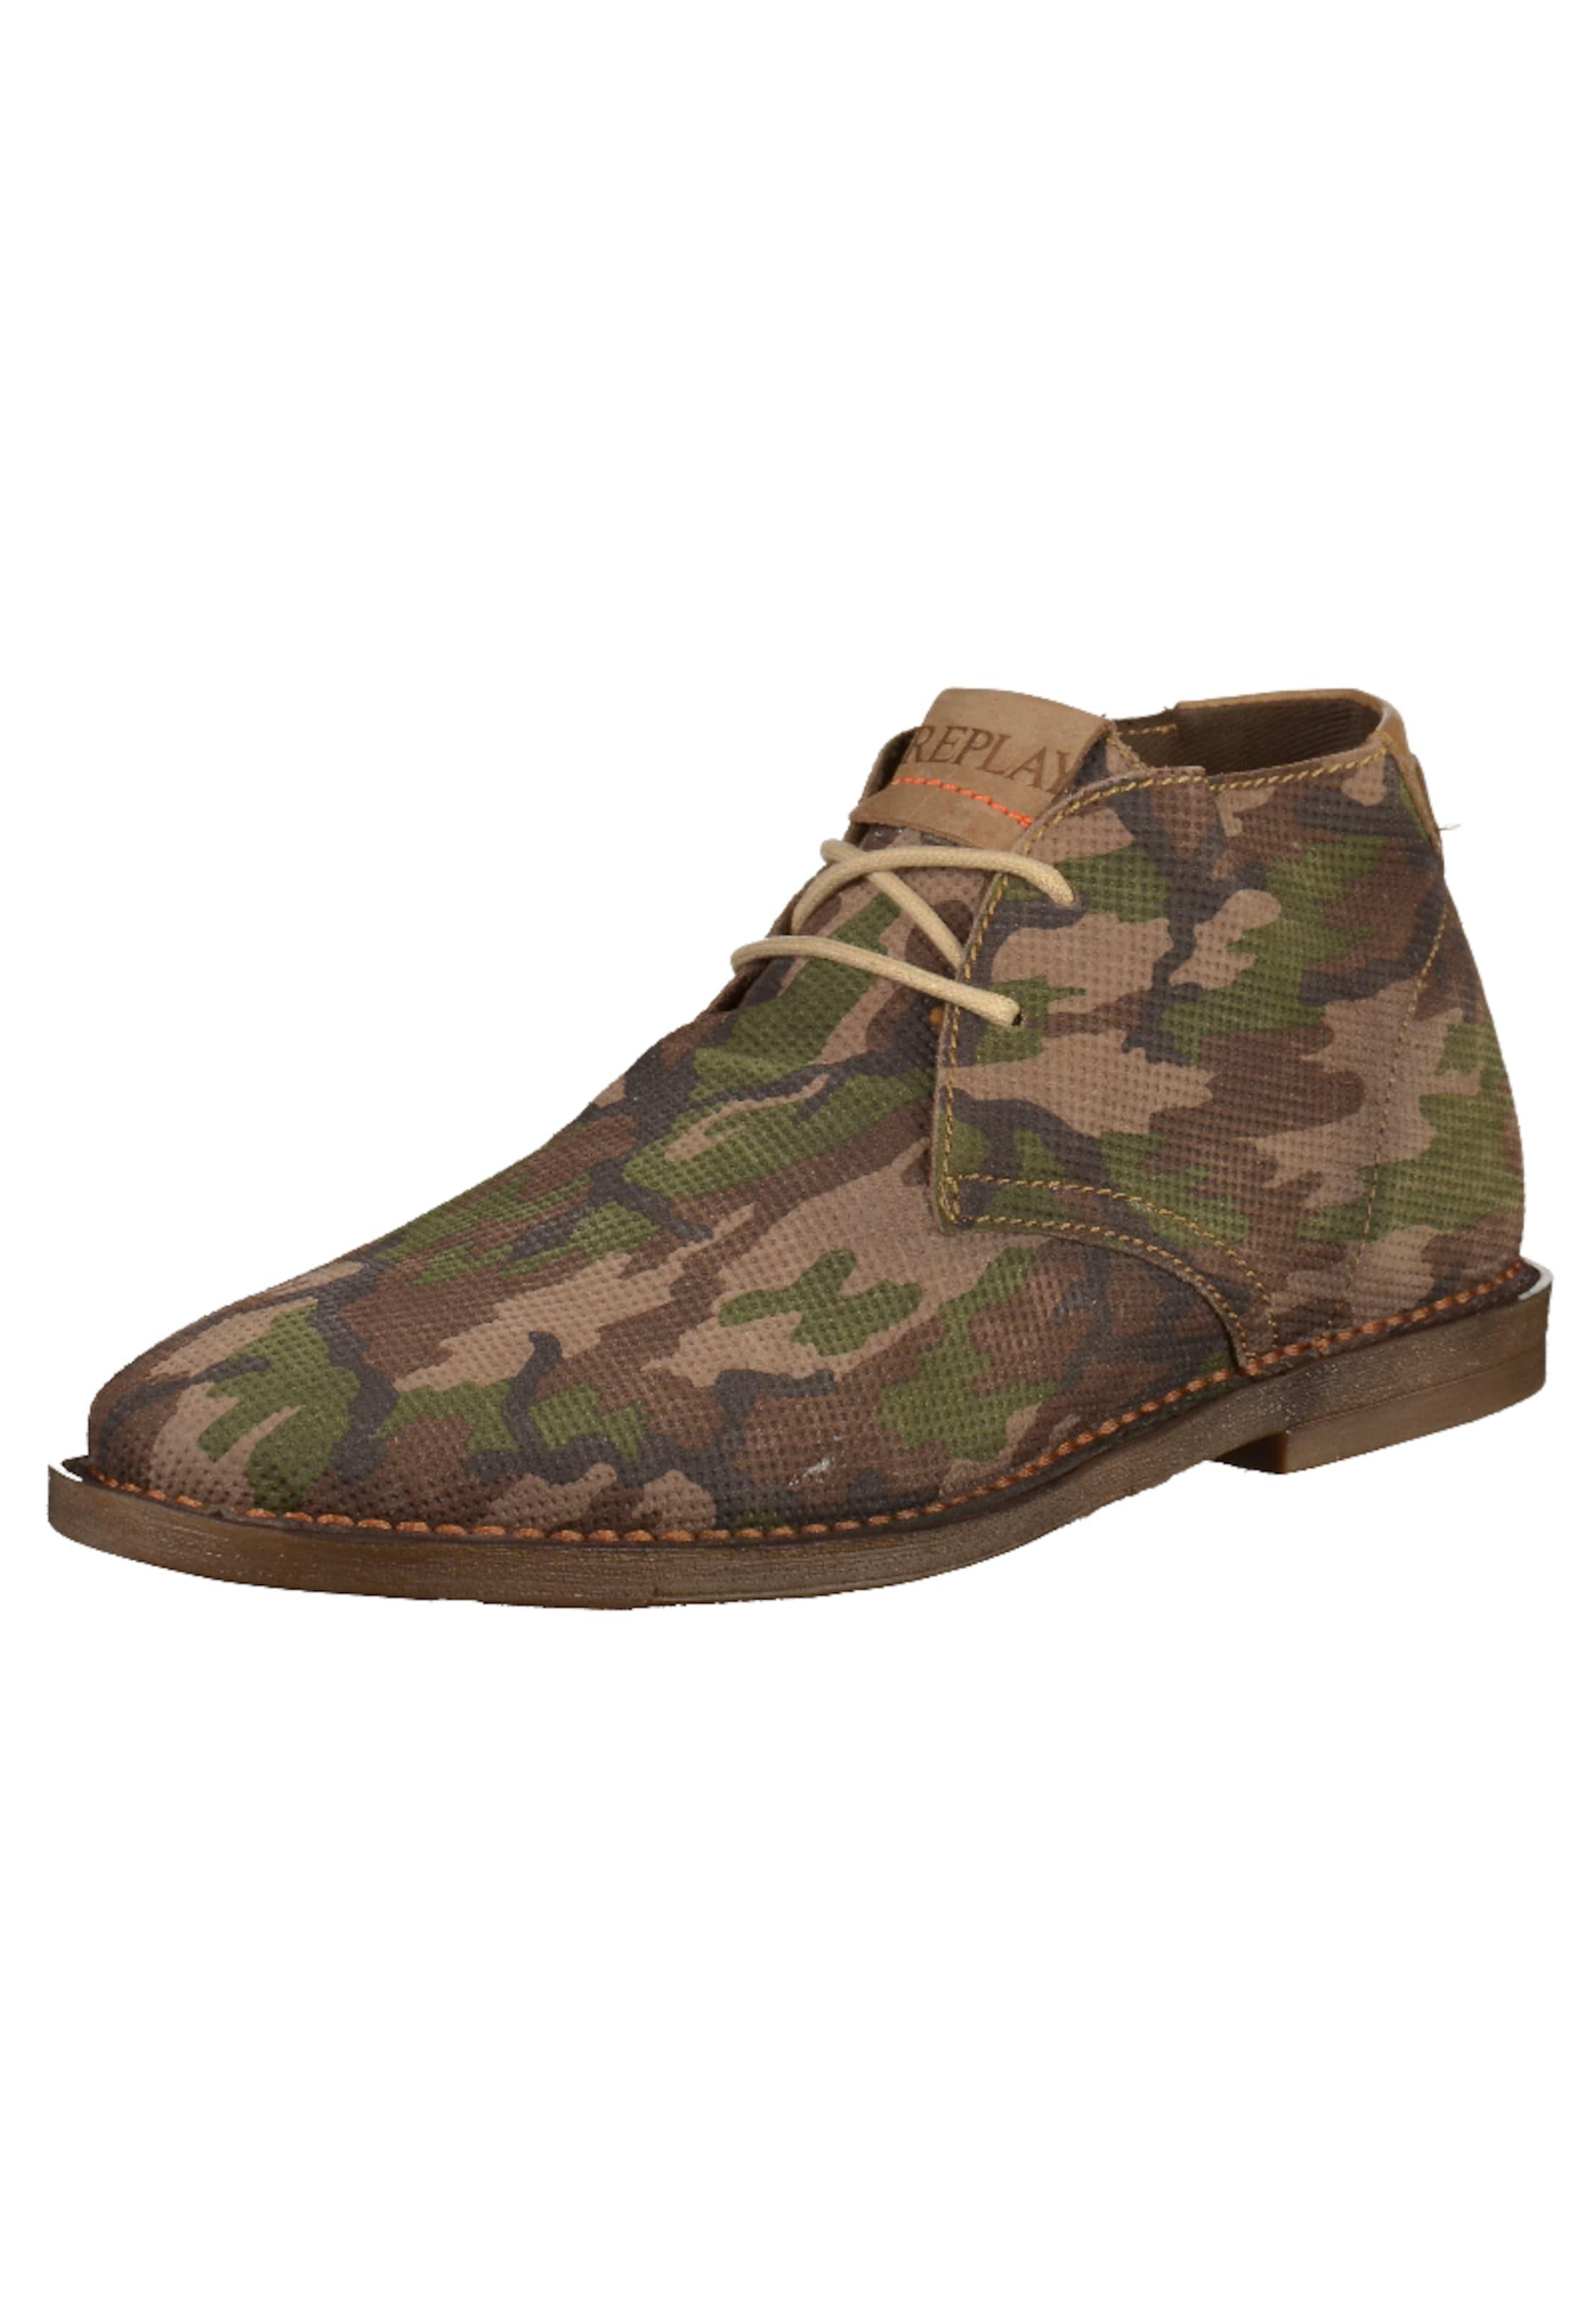 REPLAY Halbschuhe Verschleißfeste billige Schuhe Hohe Qualität